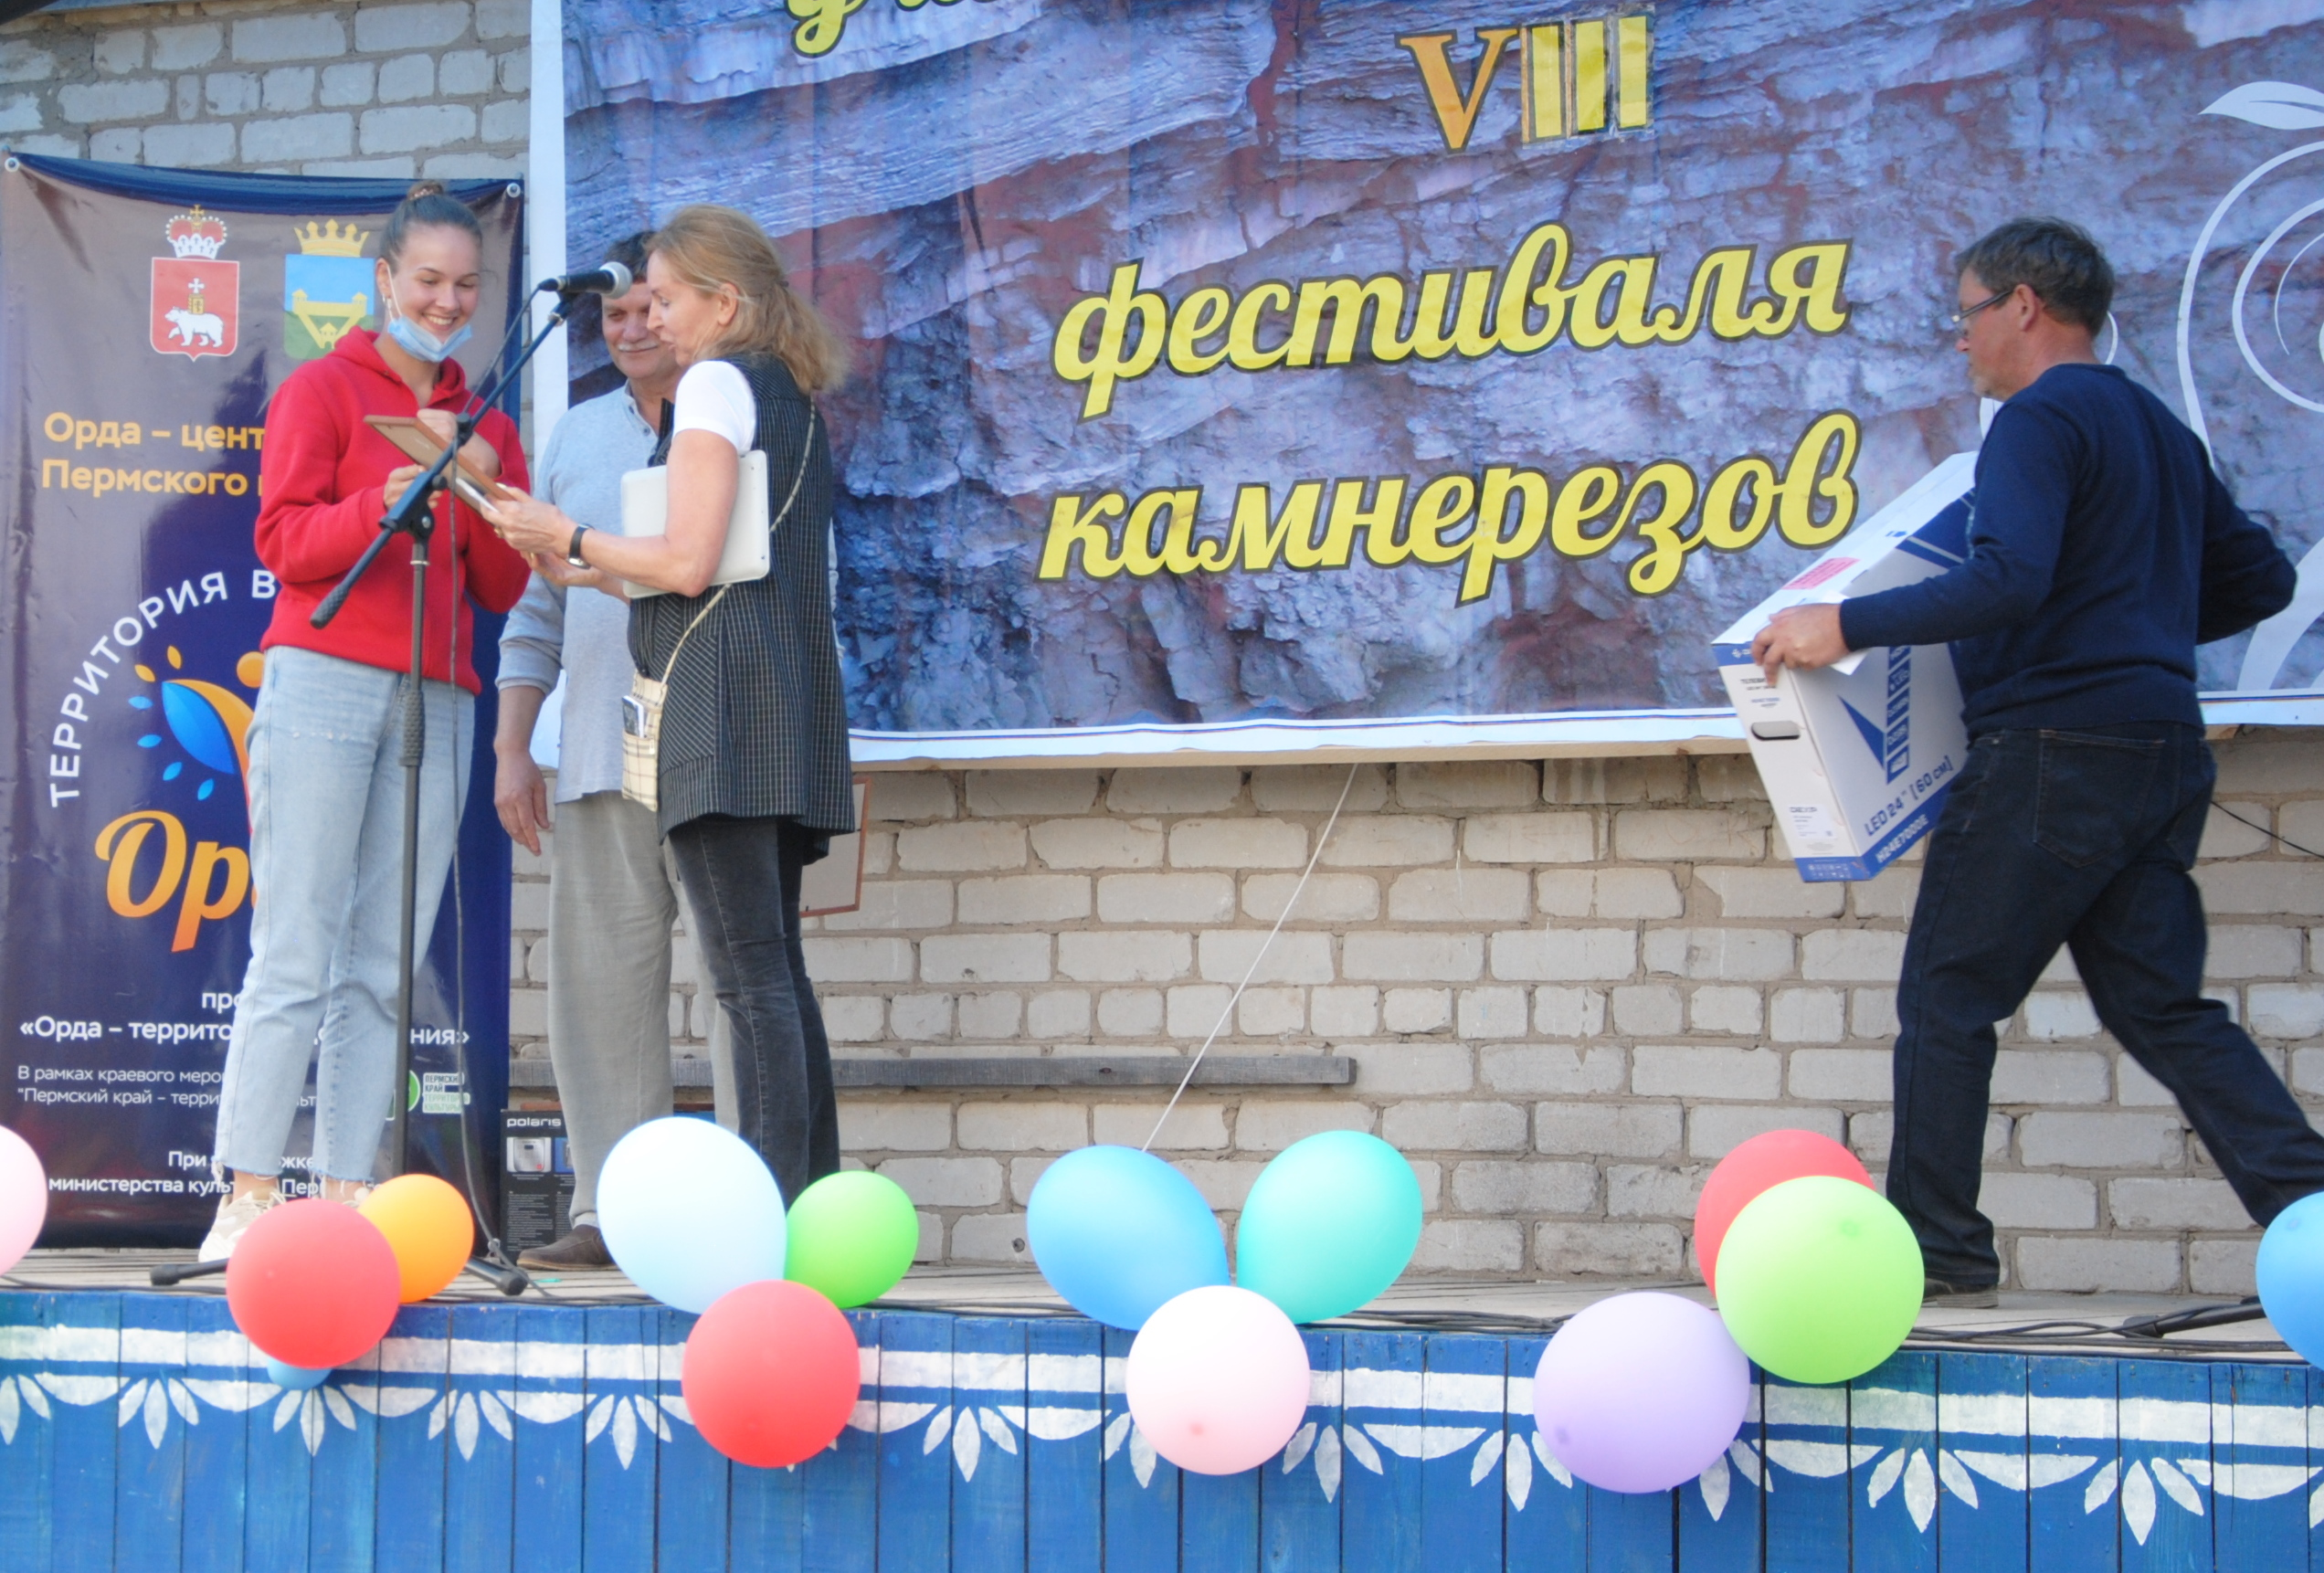 фестиваль камнерезов